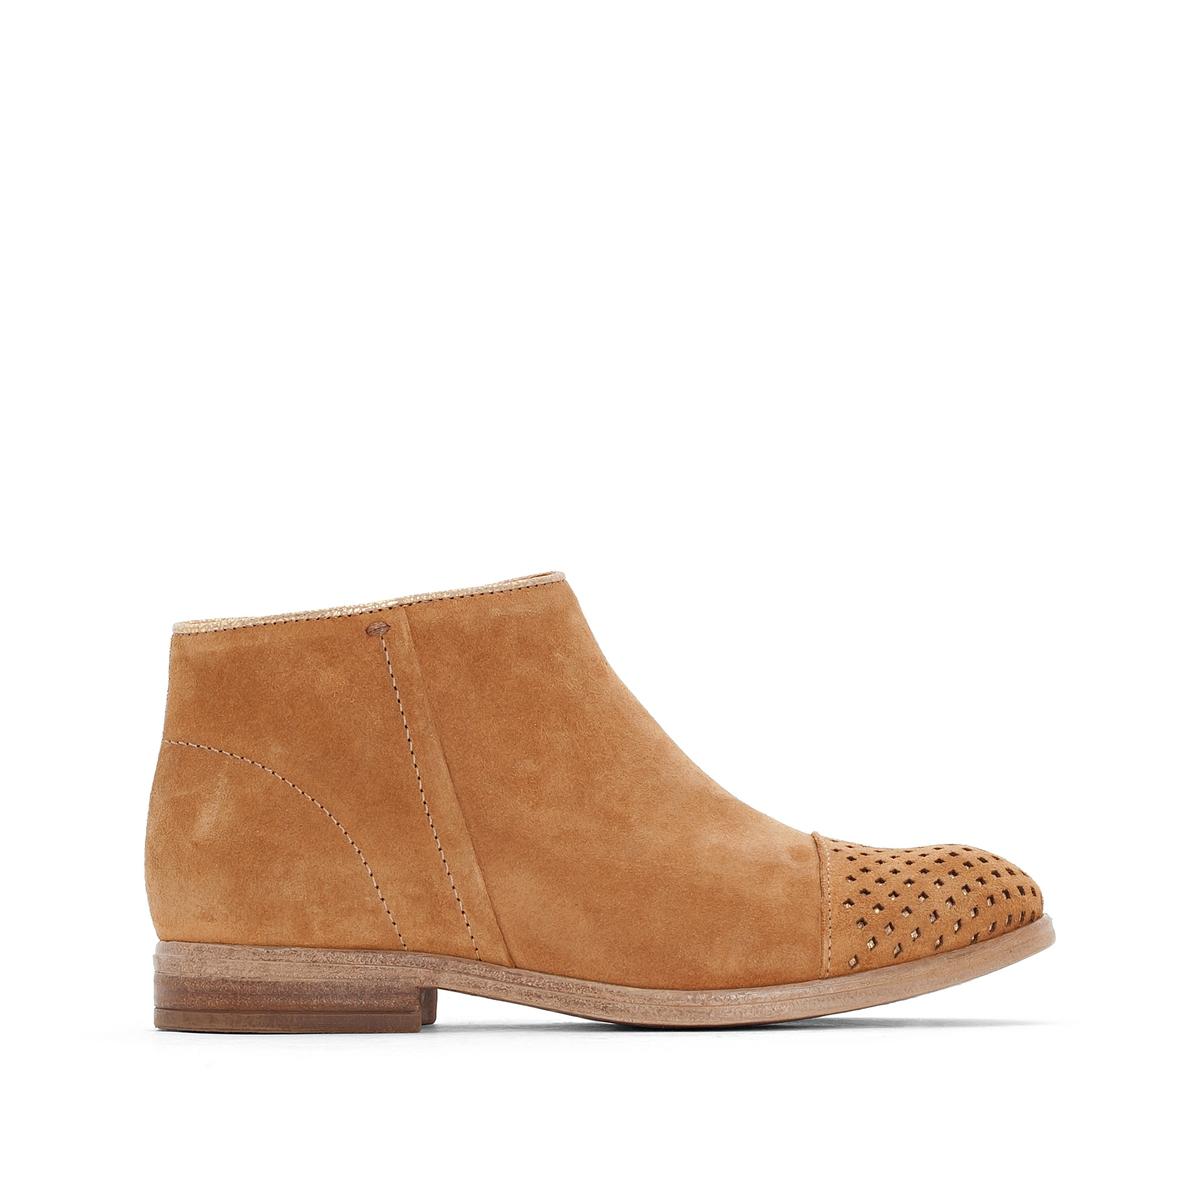 Сапоги кожаные NicoleВерх/Голенище: кожа.  Подкладка: кожа.  Стелька: кожа.  Подошва: резина.Высота каблука: 2 см.Форма каблука: плоский каблук.Мысок: закругленный.Застежка: на молнию.<br><br>Цвет: темно-бежевый